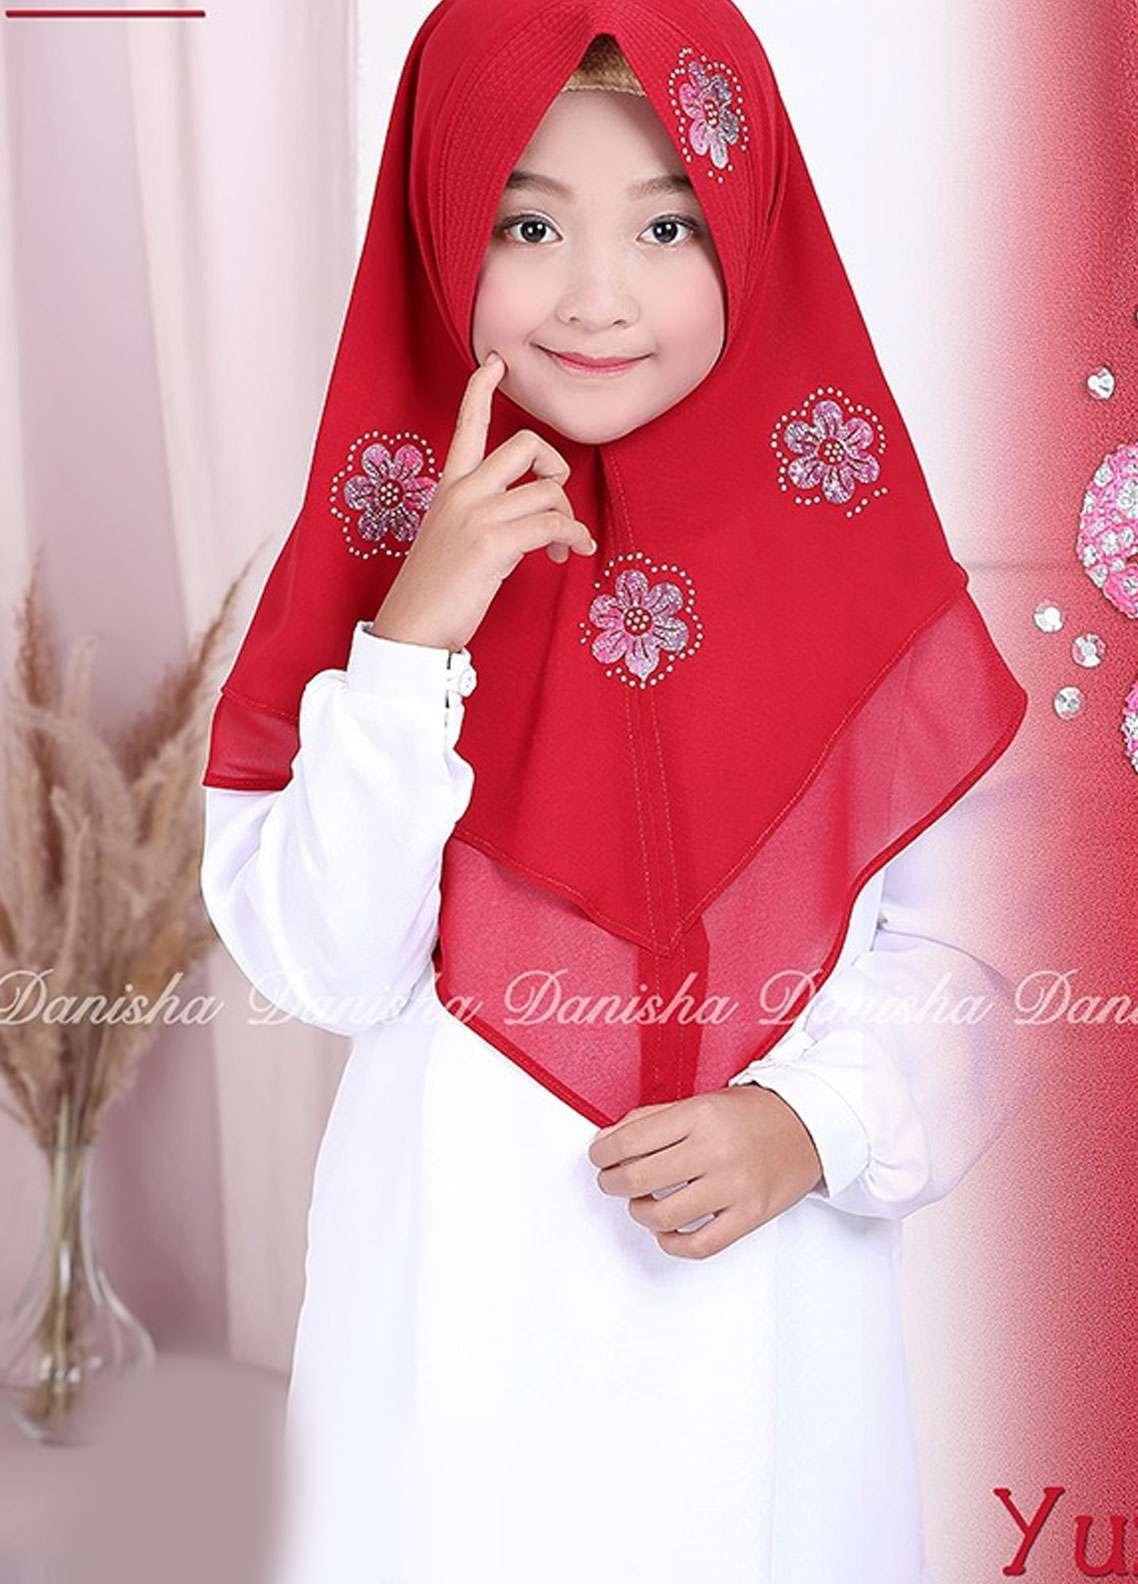 Danisha | Style of Hijab  Bubble Pop  Girls Scarves HH Danisha Yuzma 01 Red